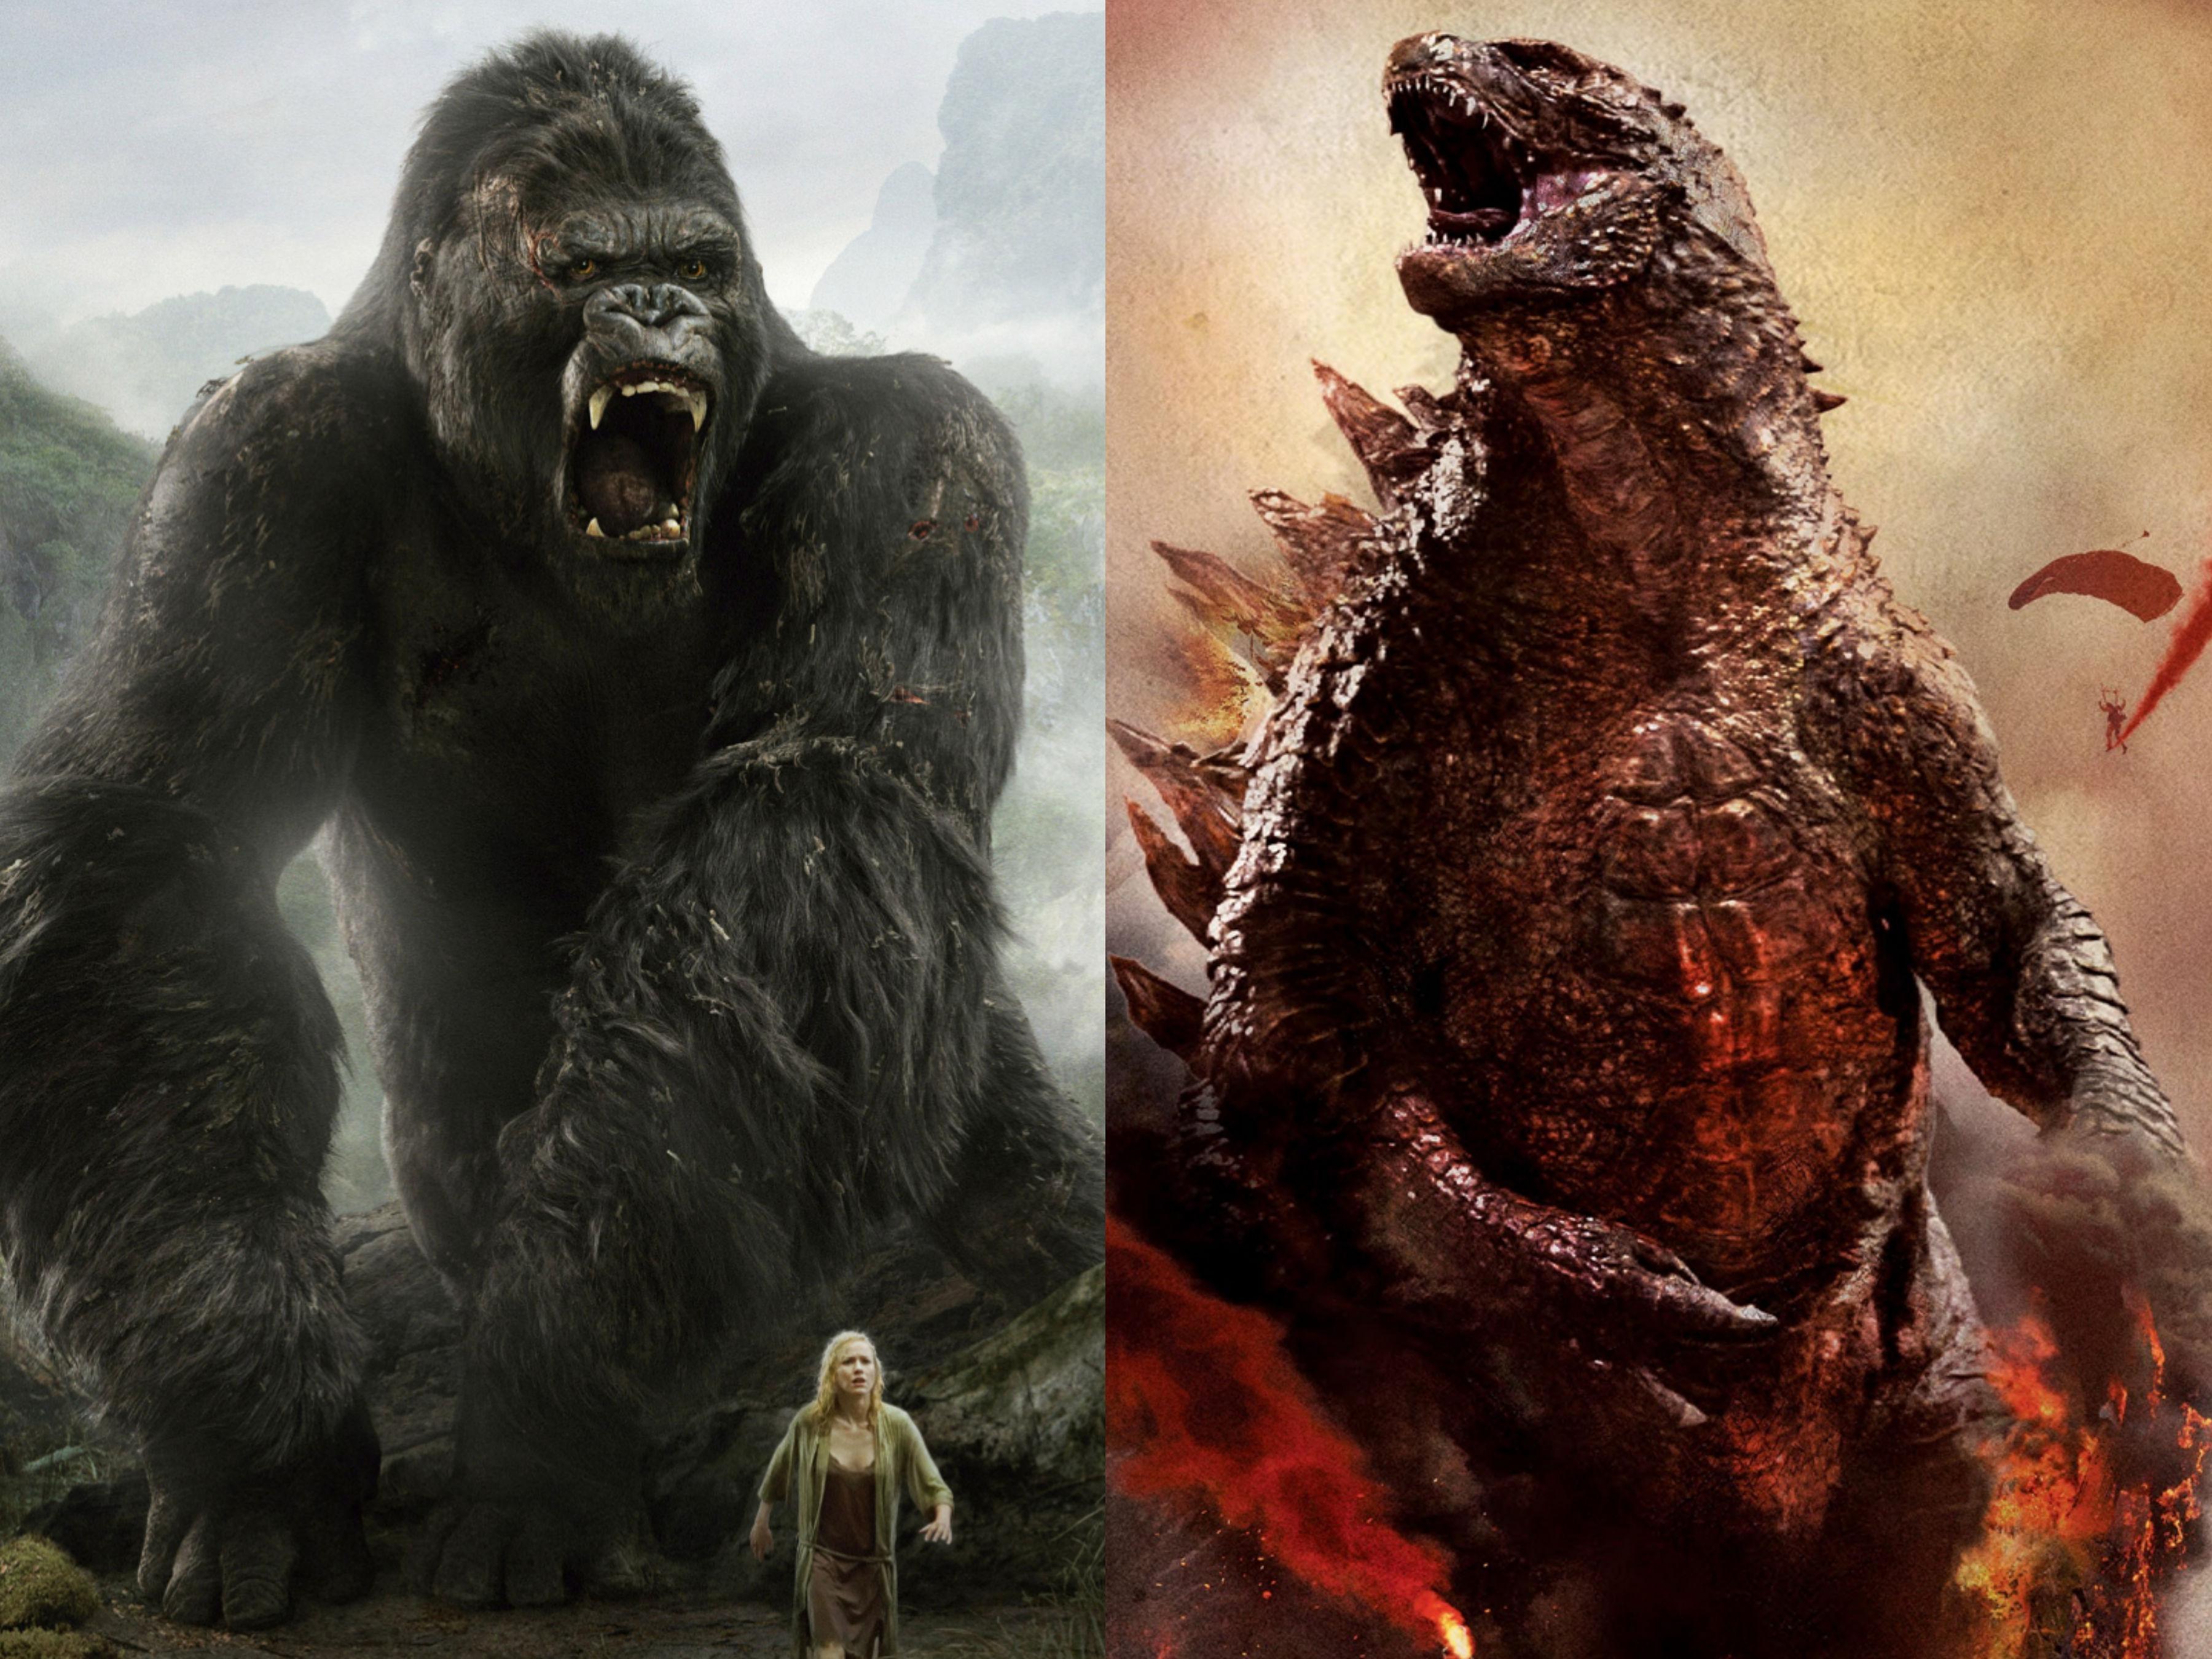 Ruszają pierwsze prace nad scenariuszem Godzilla vs Kong